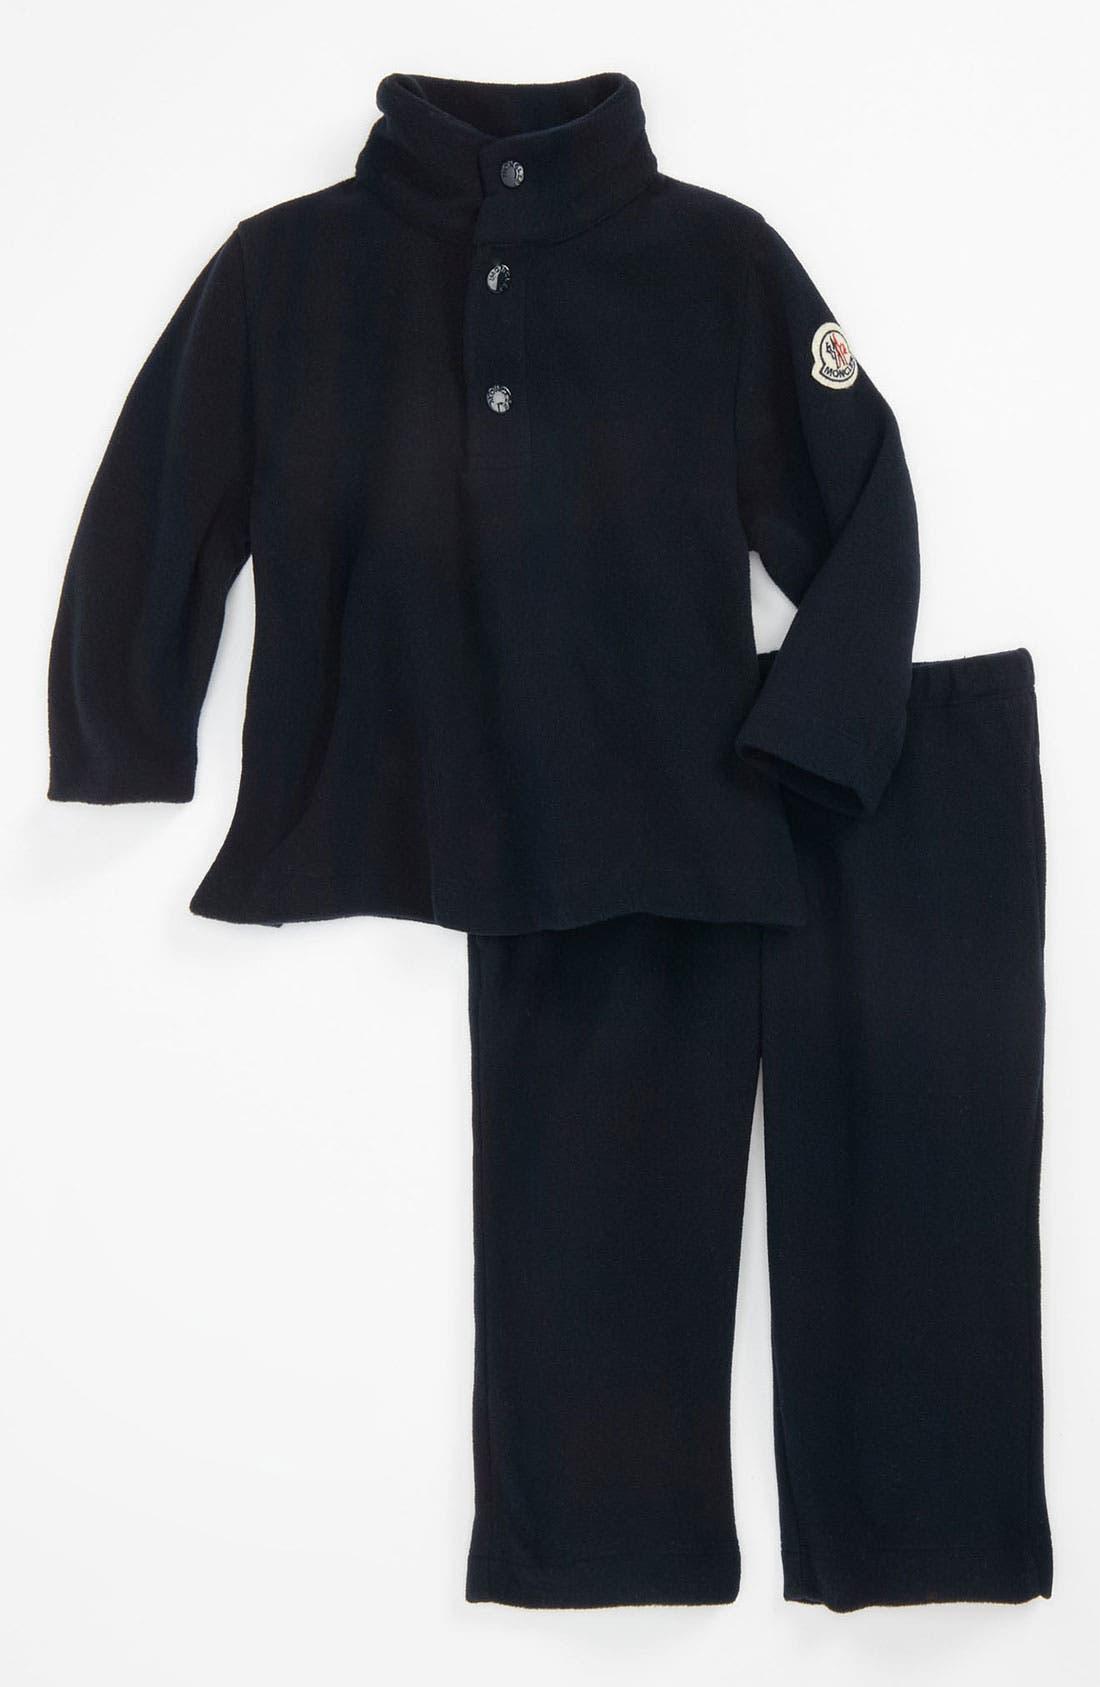 Main Image - Moncler Top & Pants (Infant)